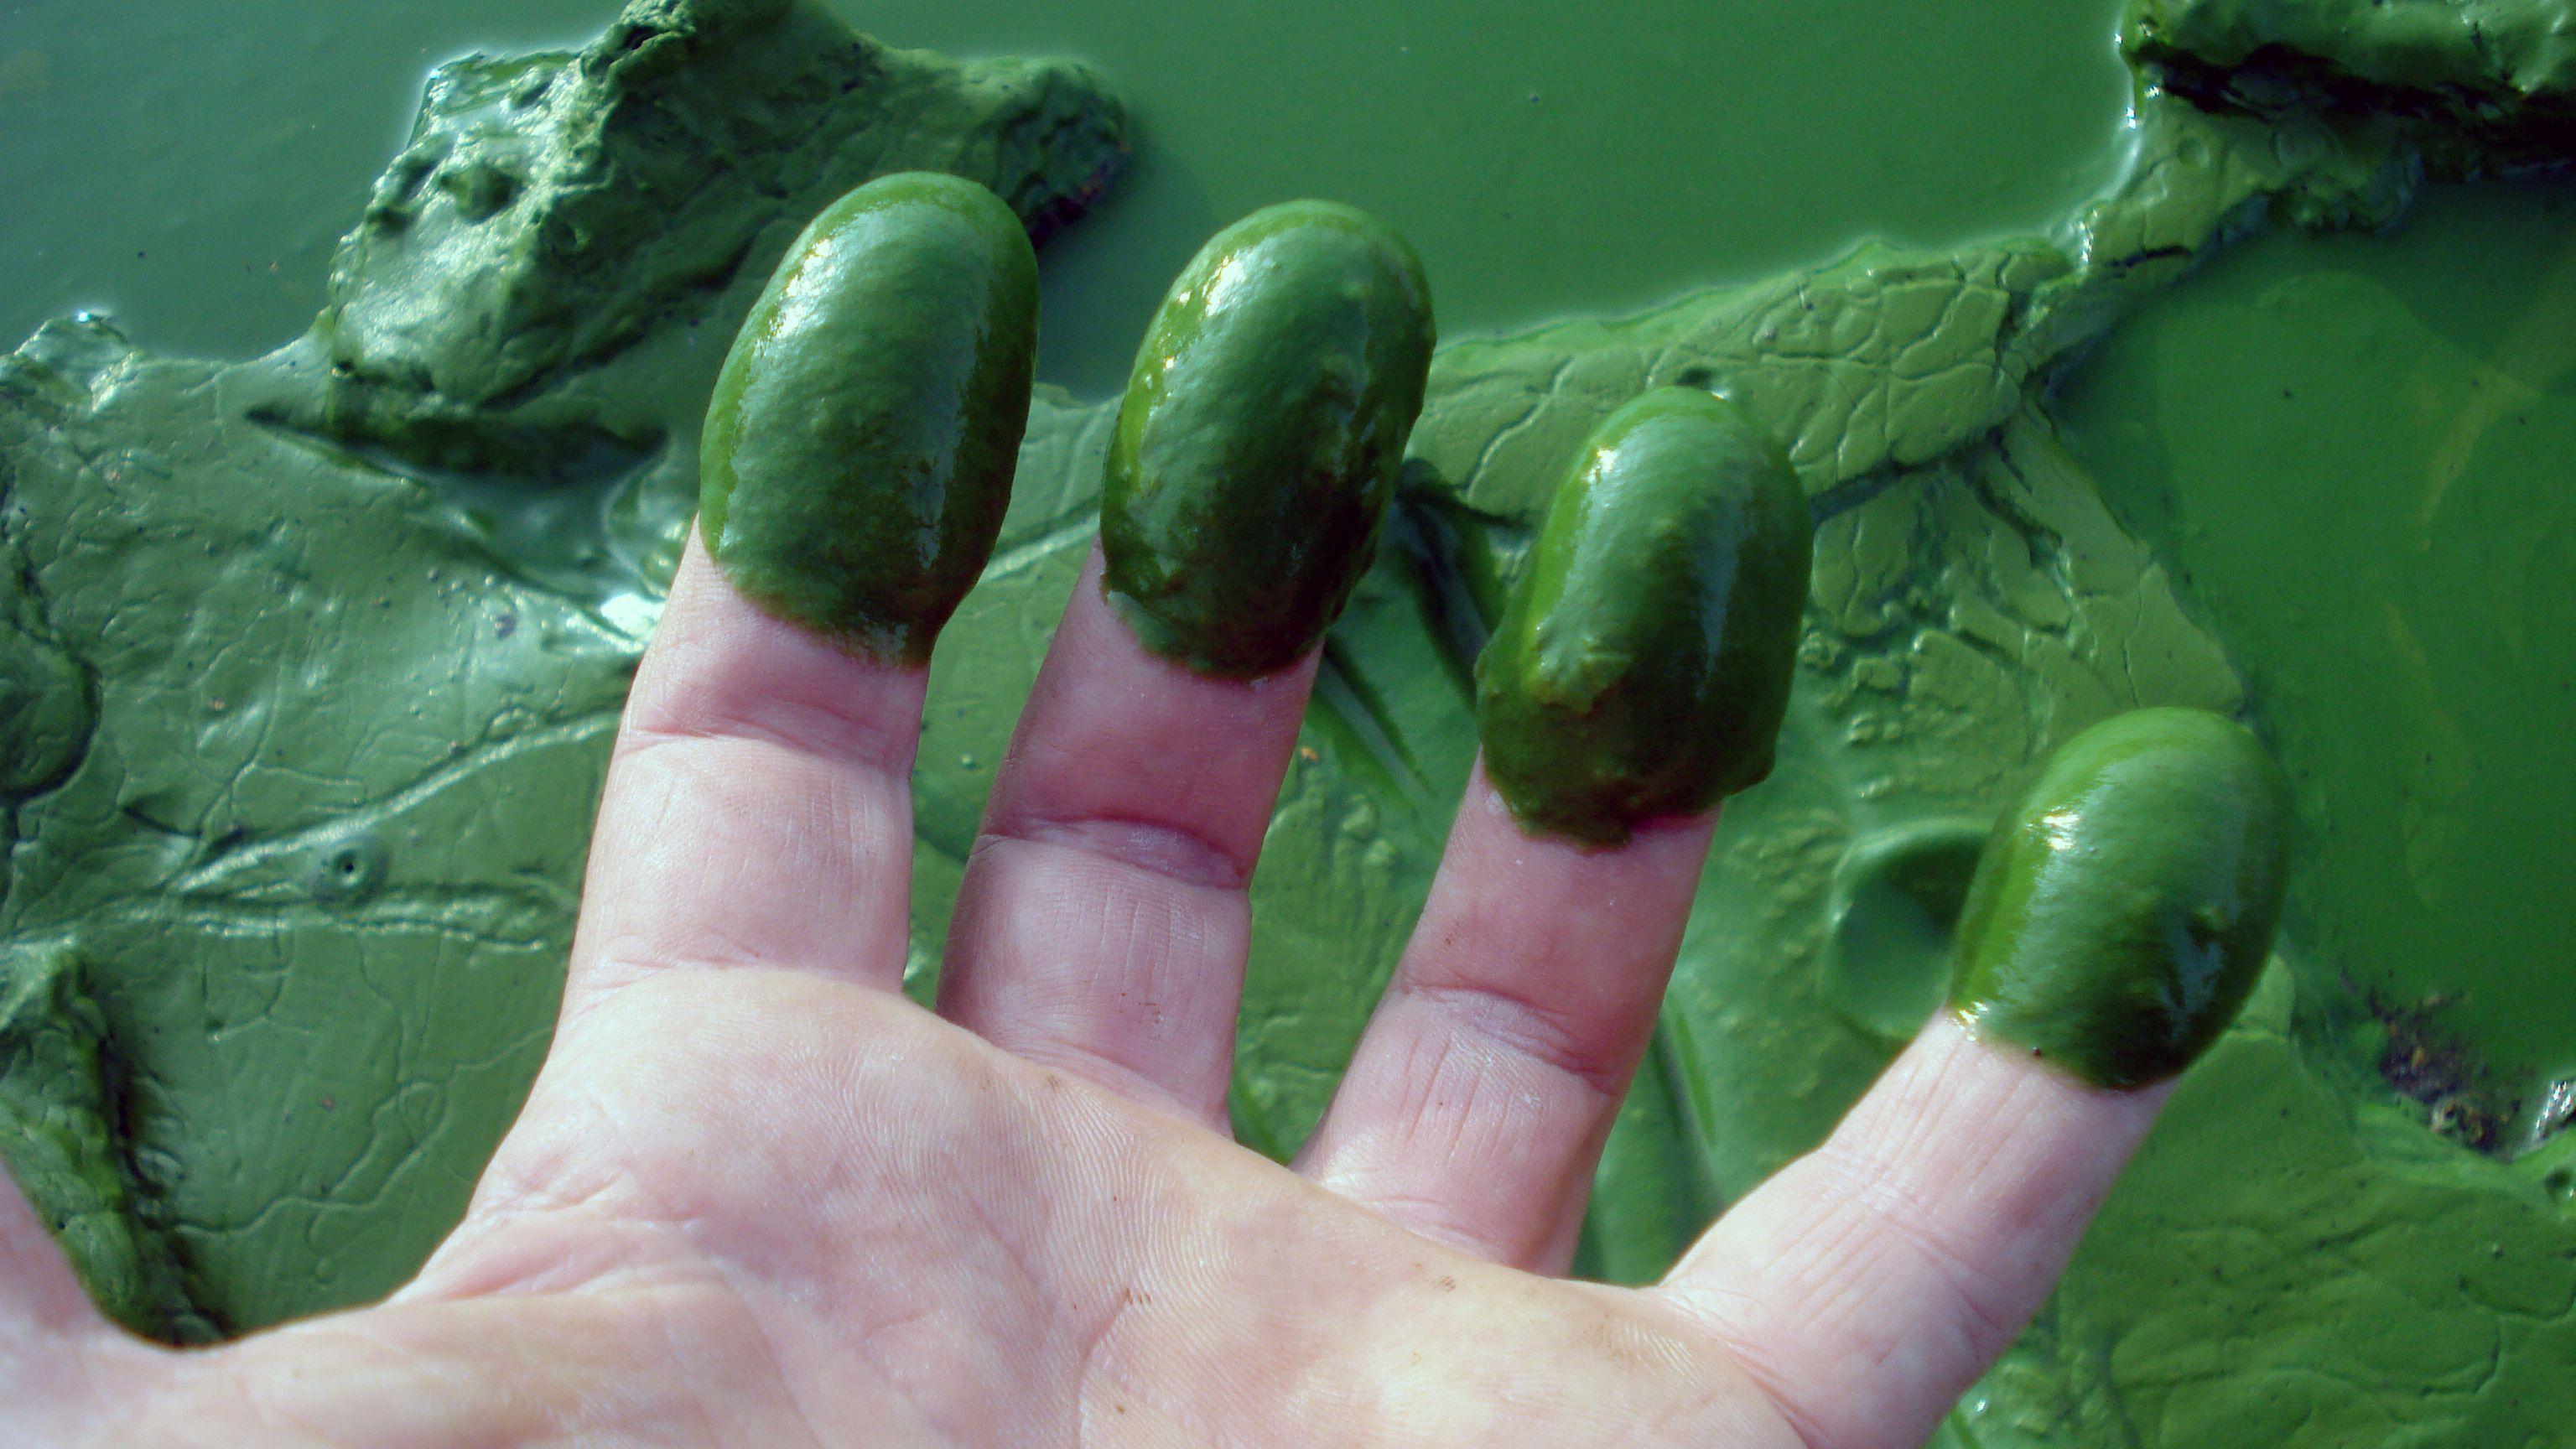 So sieht das Wasser im Eixendorfer See derzeit aus: Blaualgen bilden ein Toxin, das zu Hautreizungen, Durchfall oder Erbrechen führen kann.